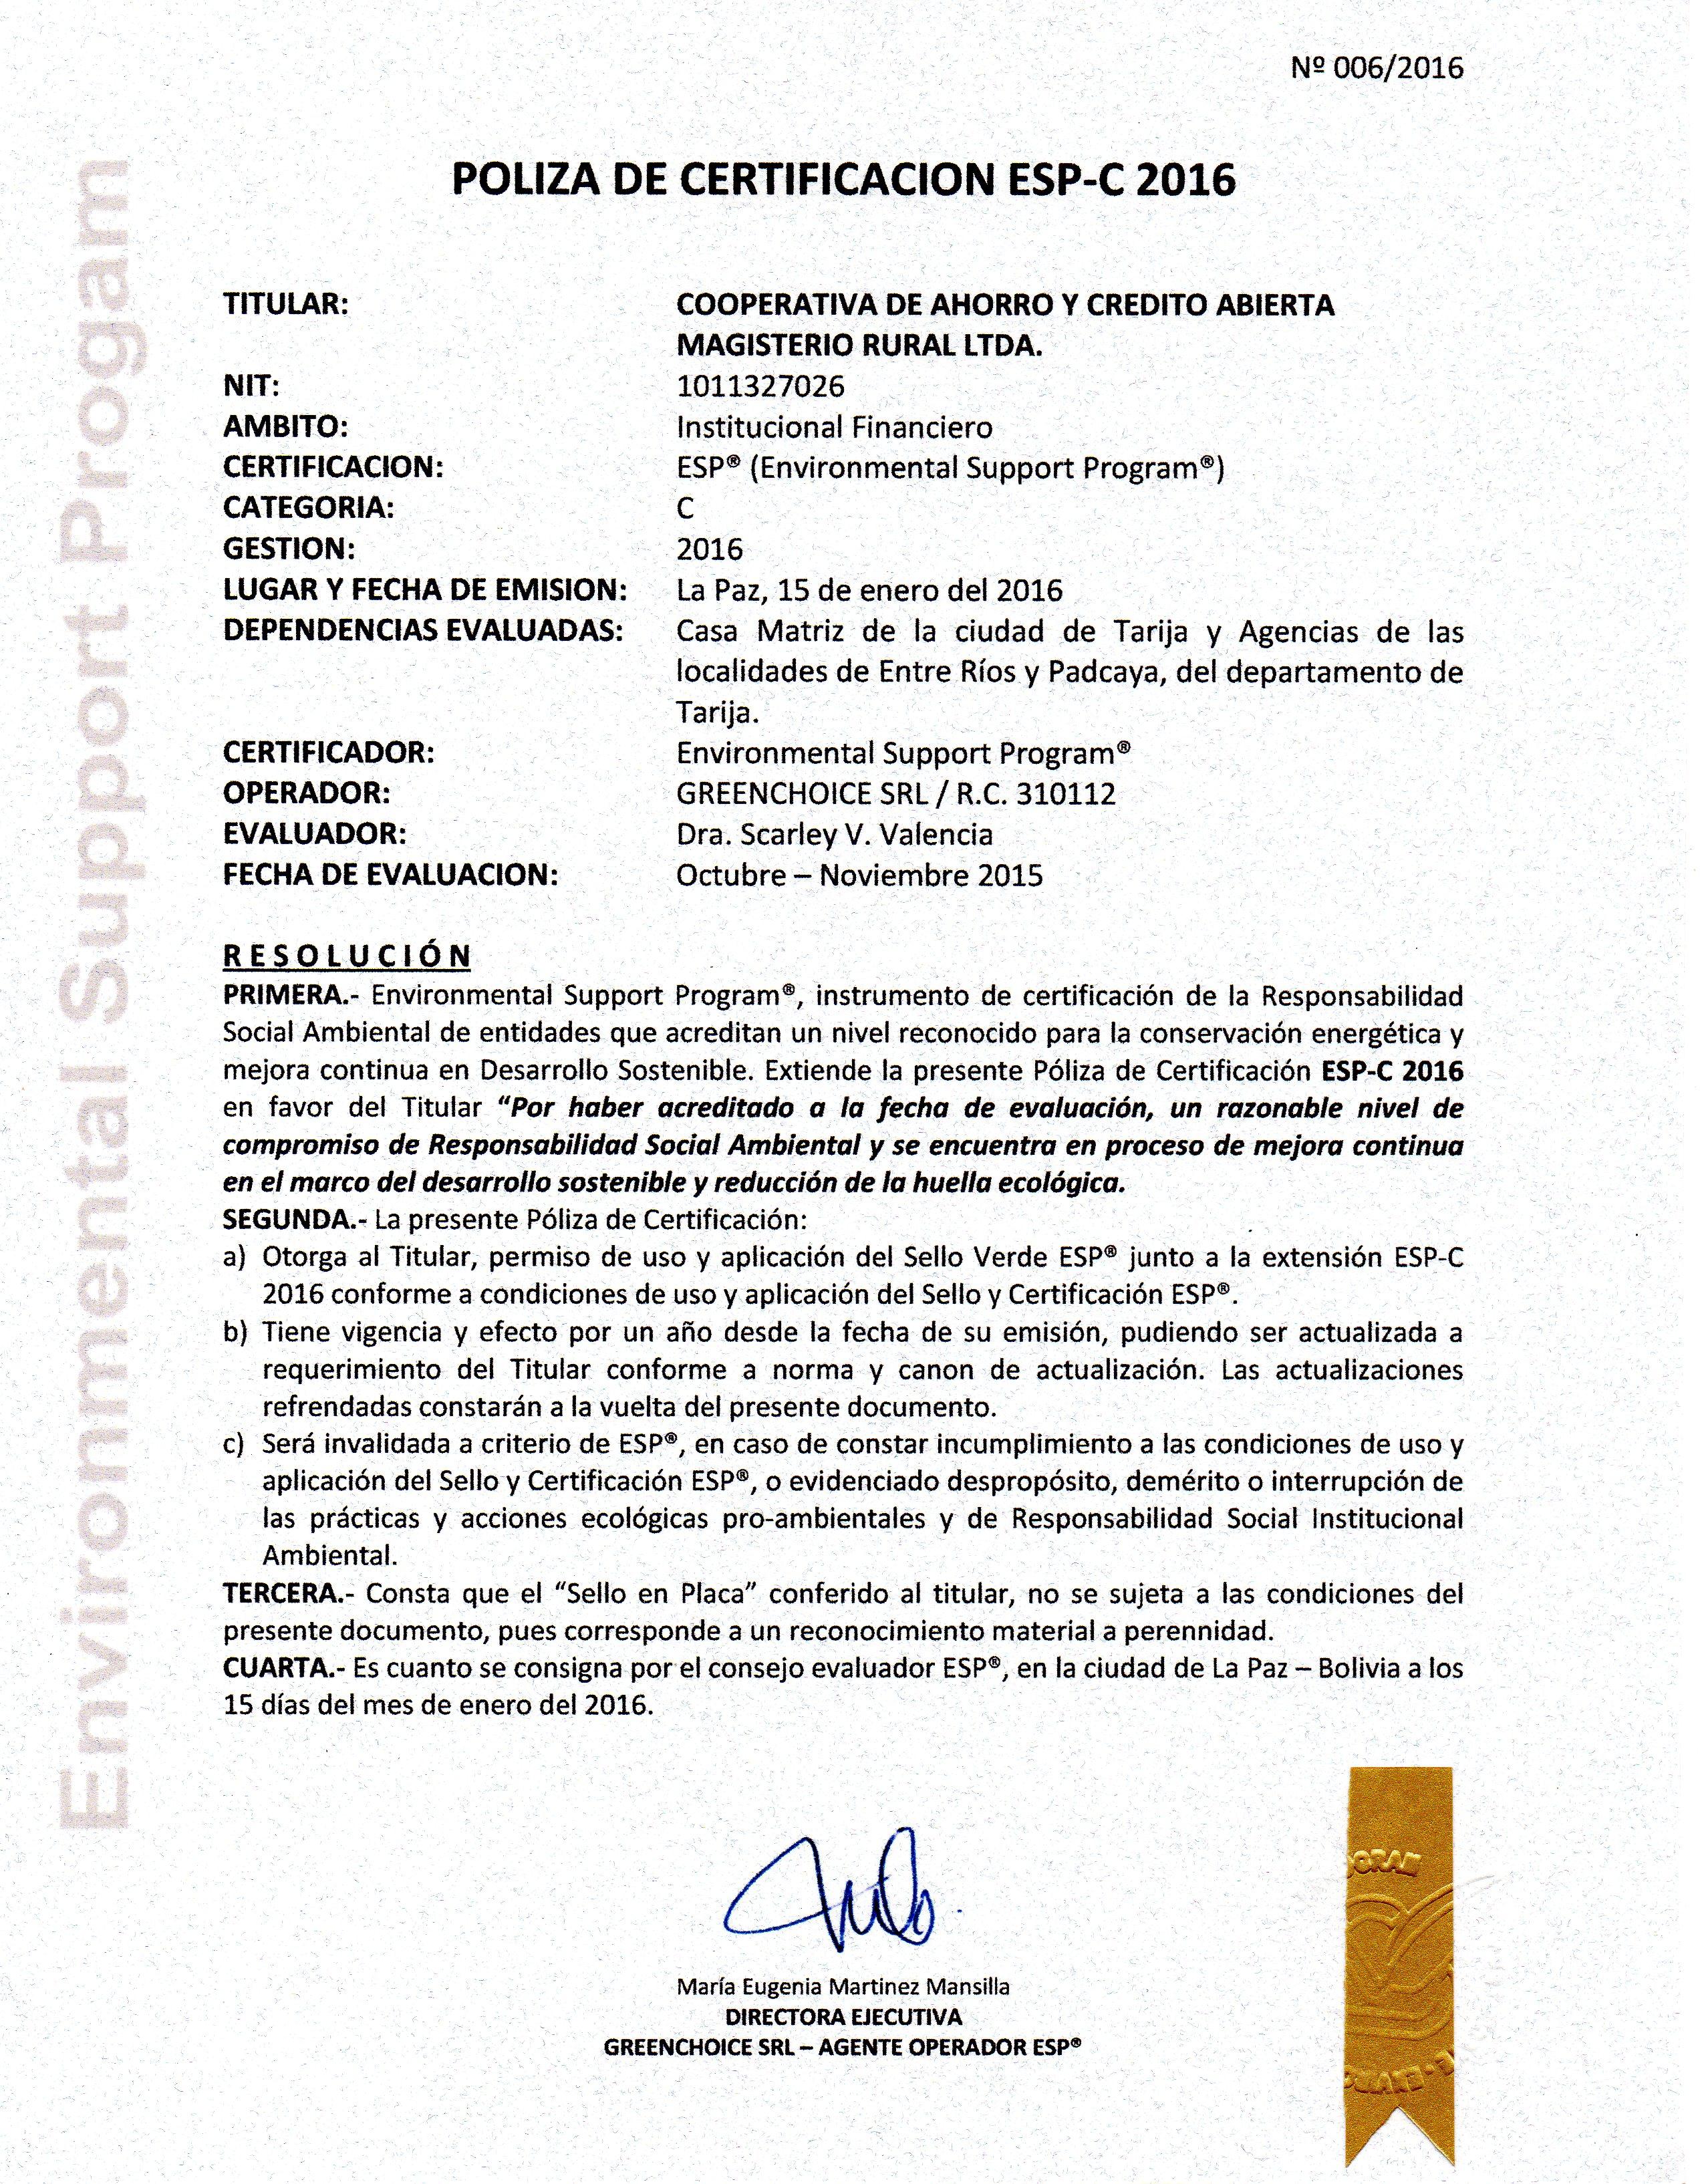 certificacion003